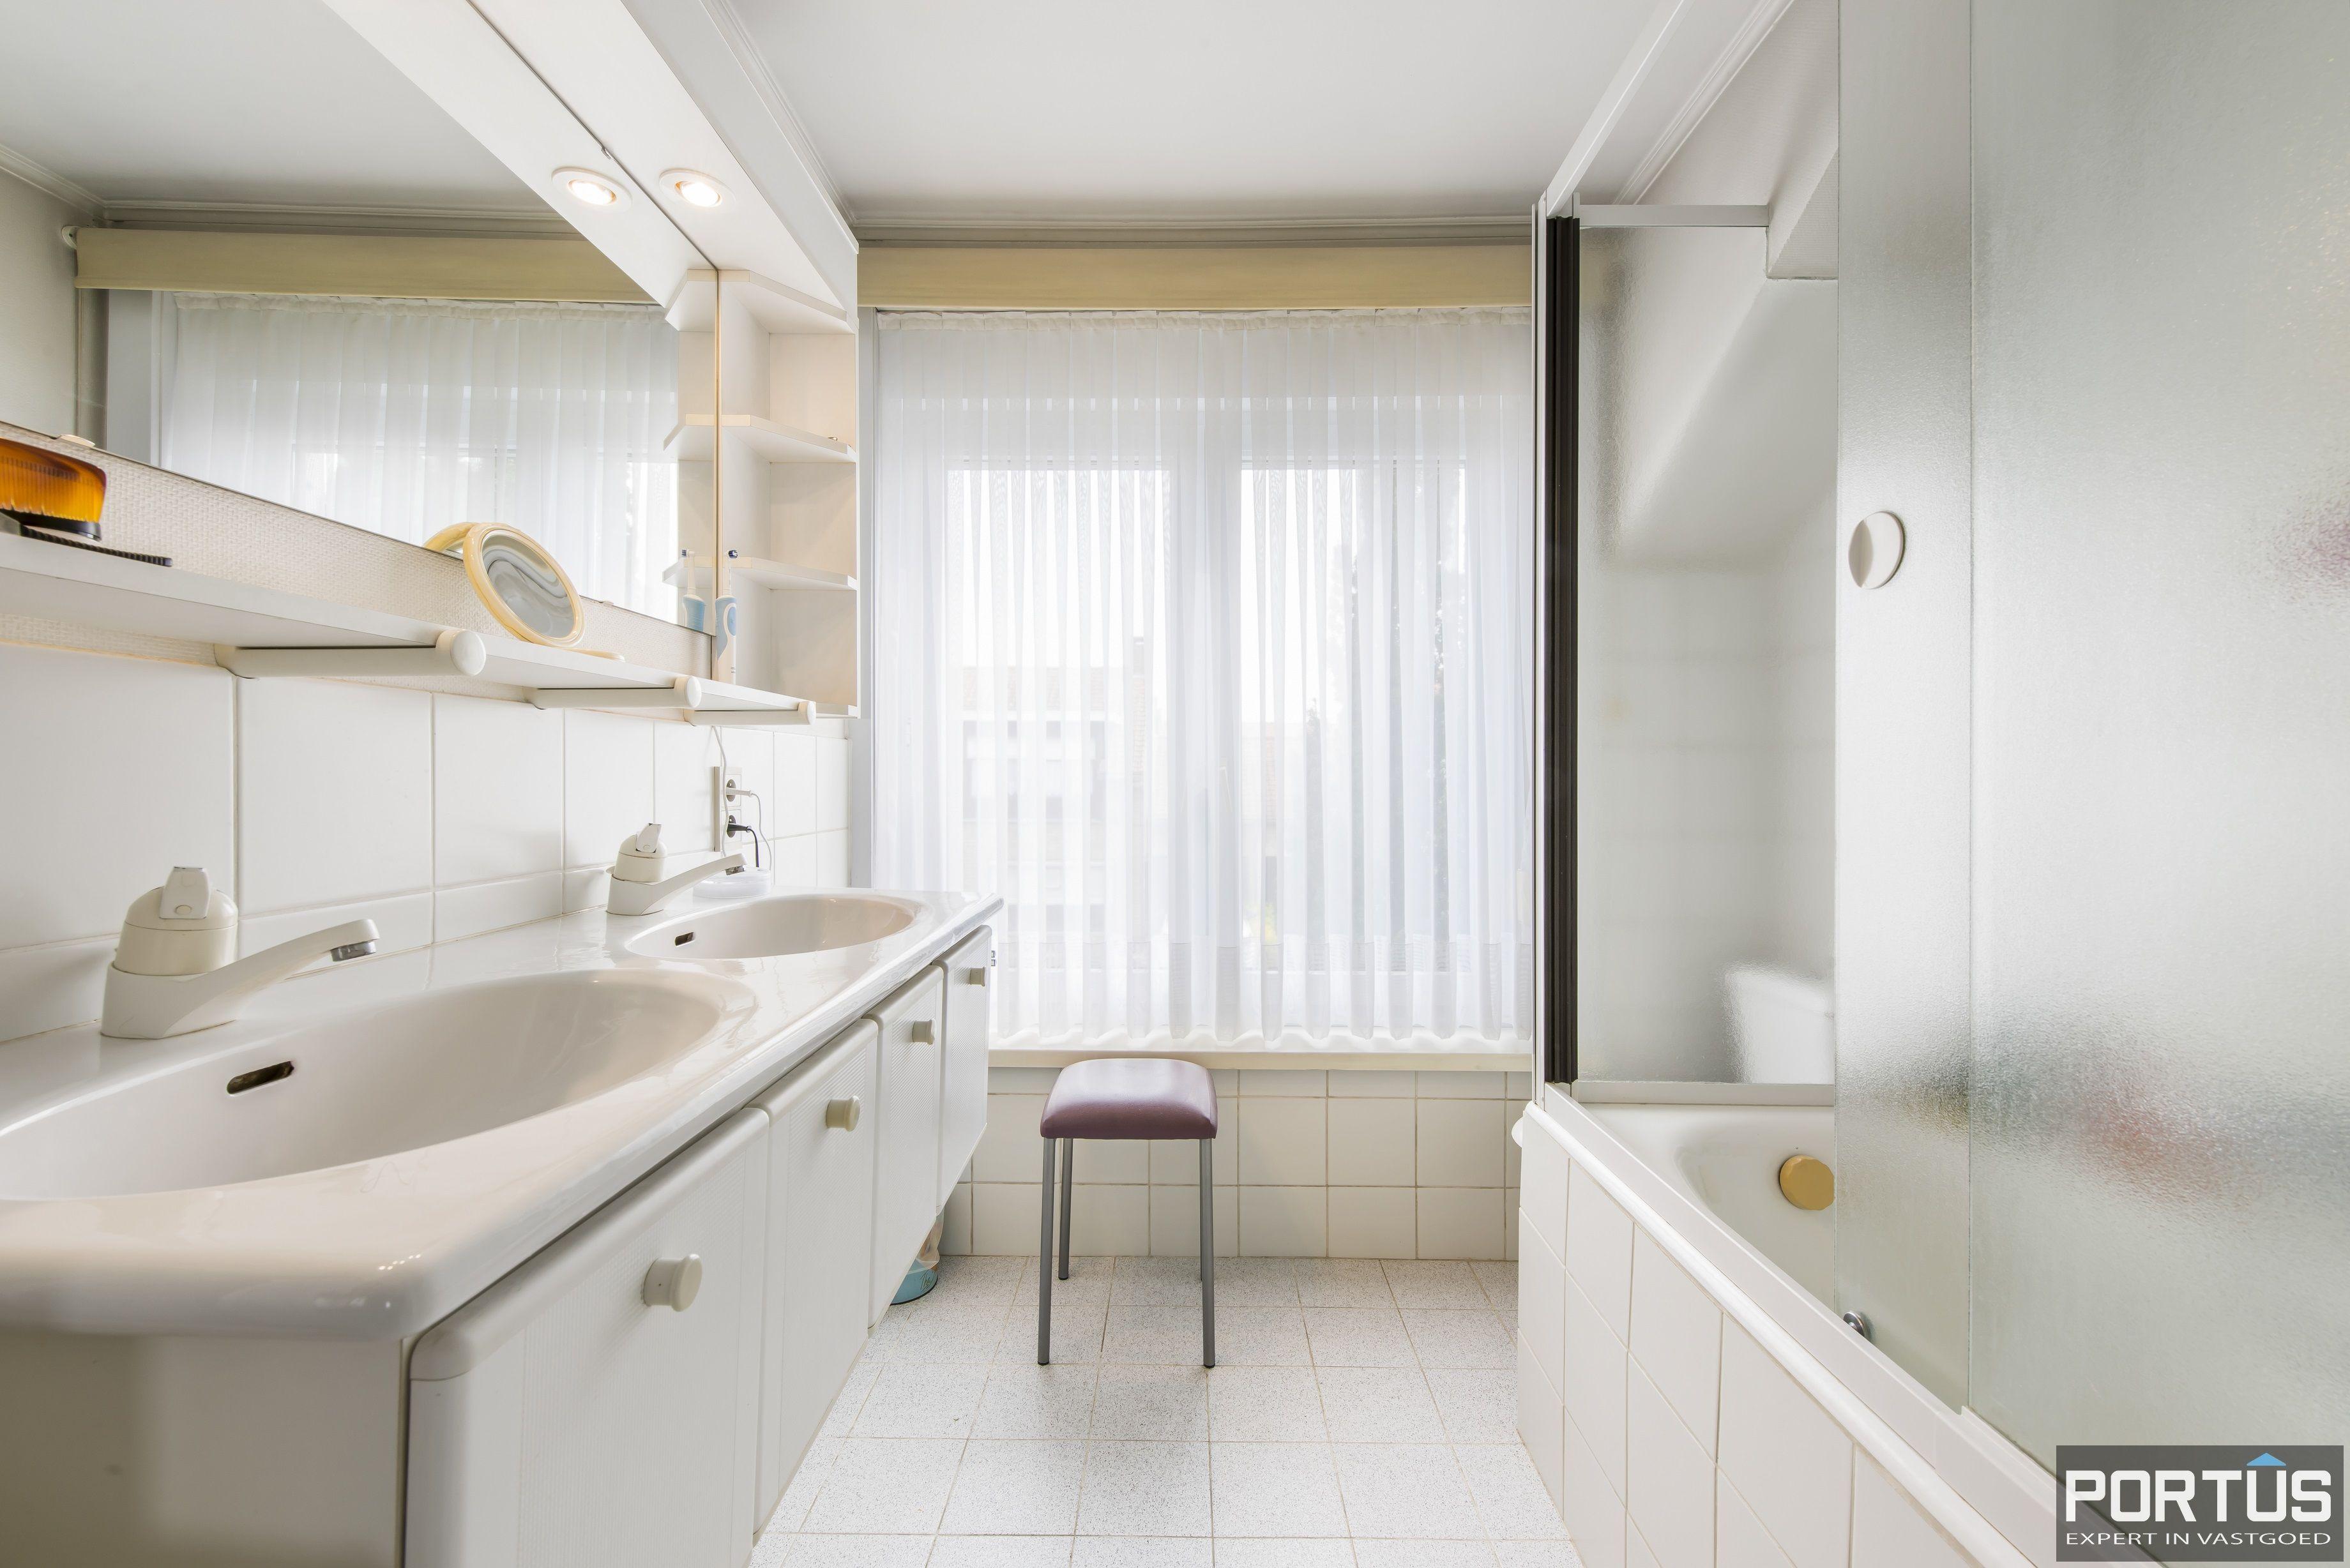 Woning te koop te Lombardsijde met 3 slaapkamers - 9606